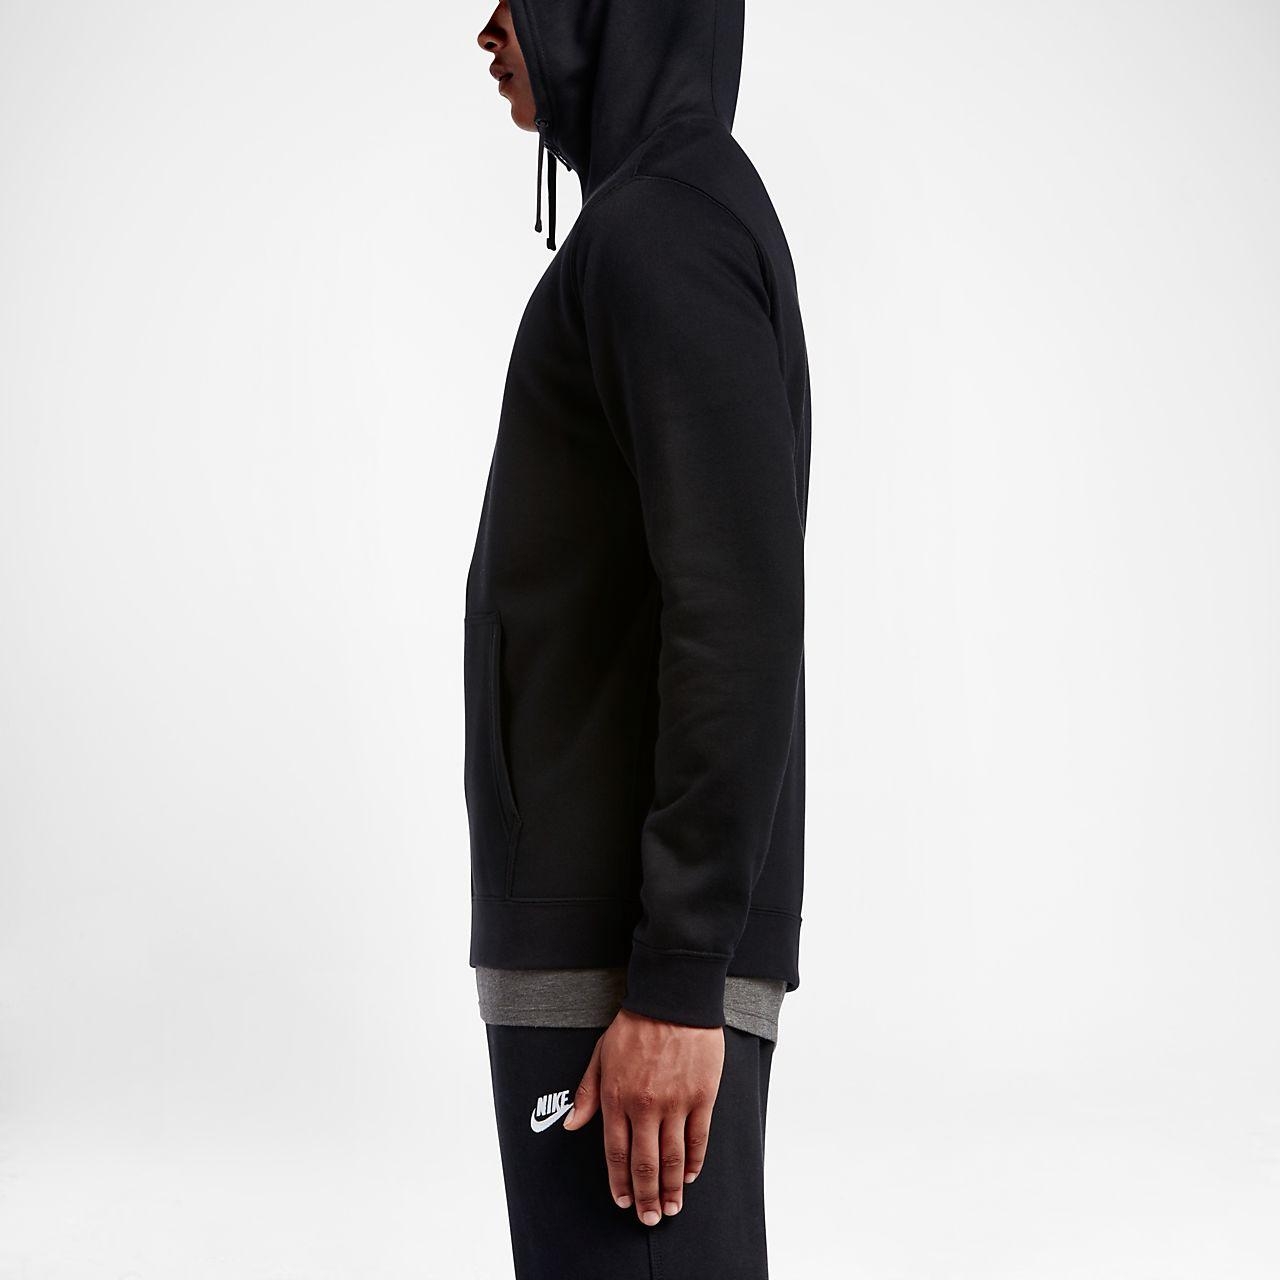 babb269112da9 Low Resolution Nike Sportswear Club Fleece Hoodie Nike Sportswear Club  Fleece Hoodie